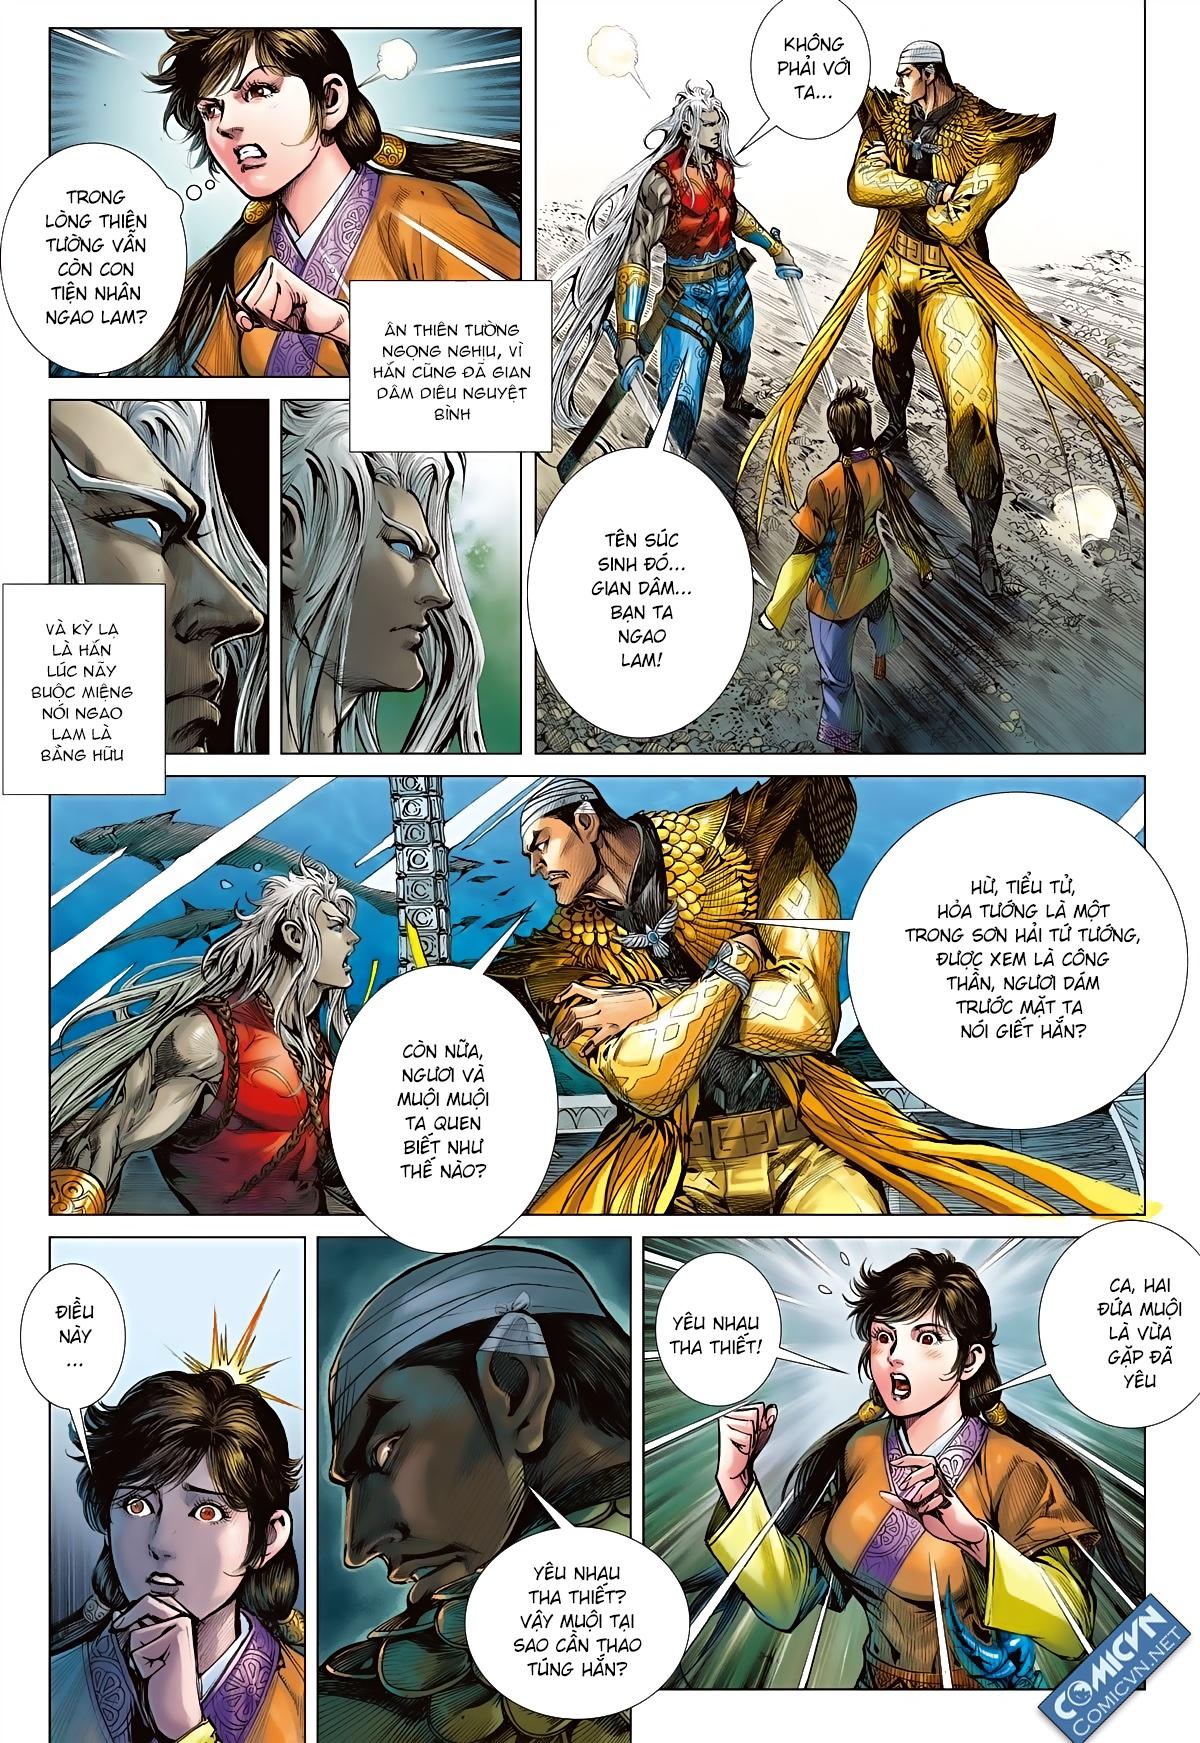 Sơn Hải Nghịch Chiến Chap 77 - Trang 7